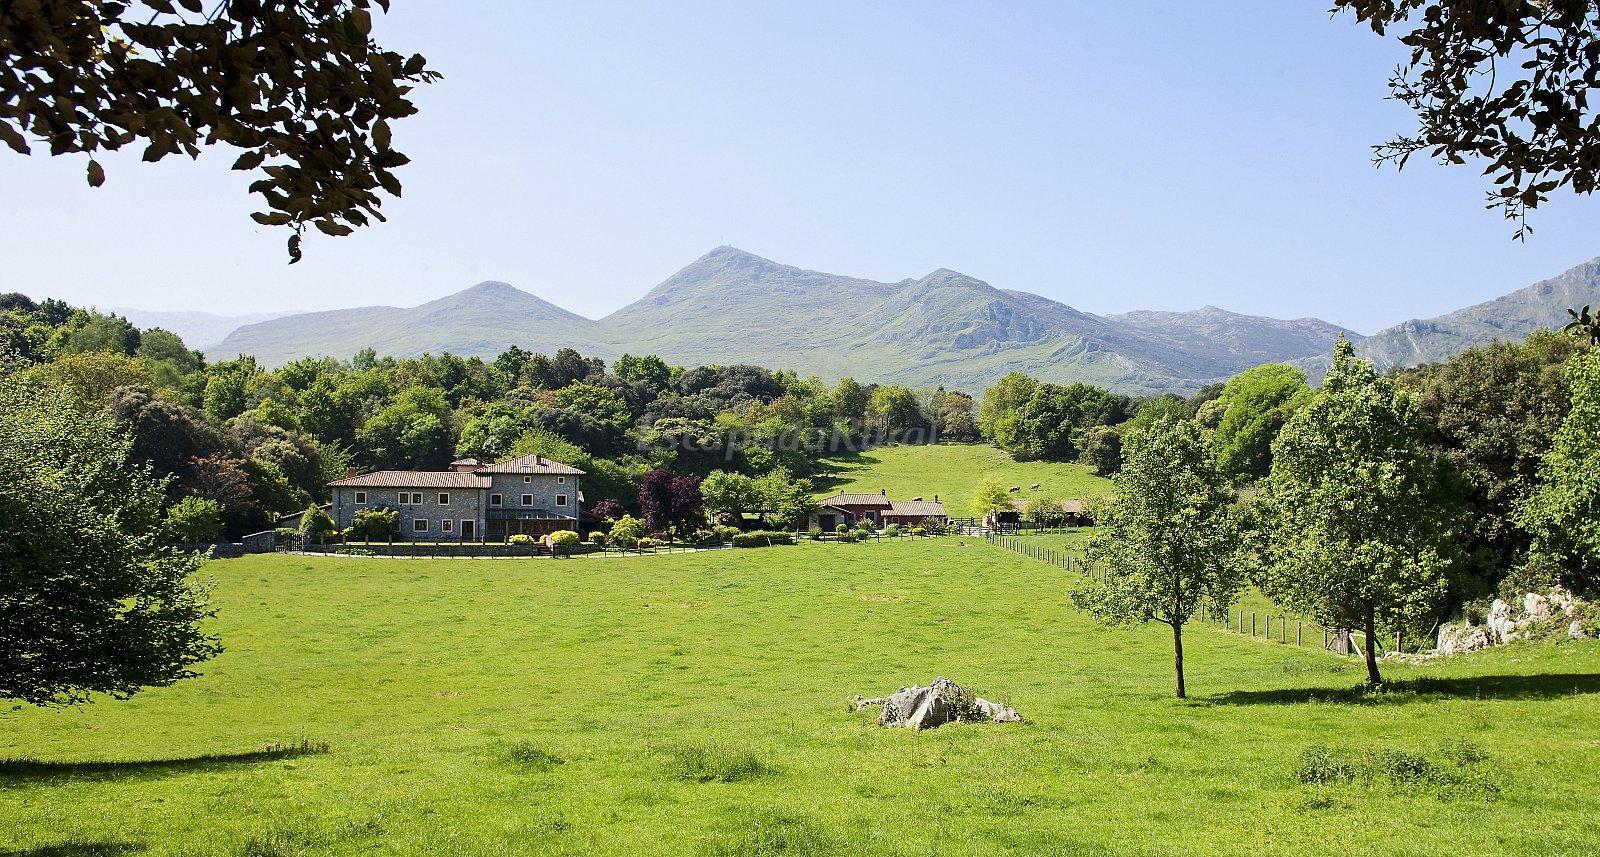 Fotos de hotel arredondo casa rural en llanes asturias - Fotorural asturias ...